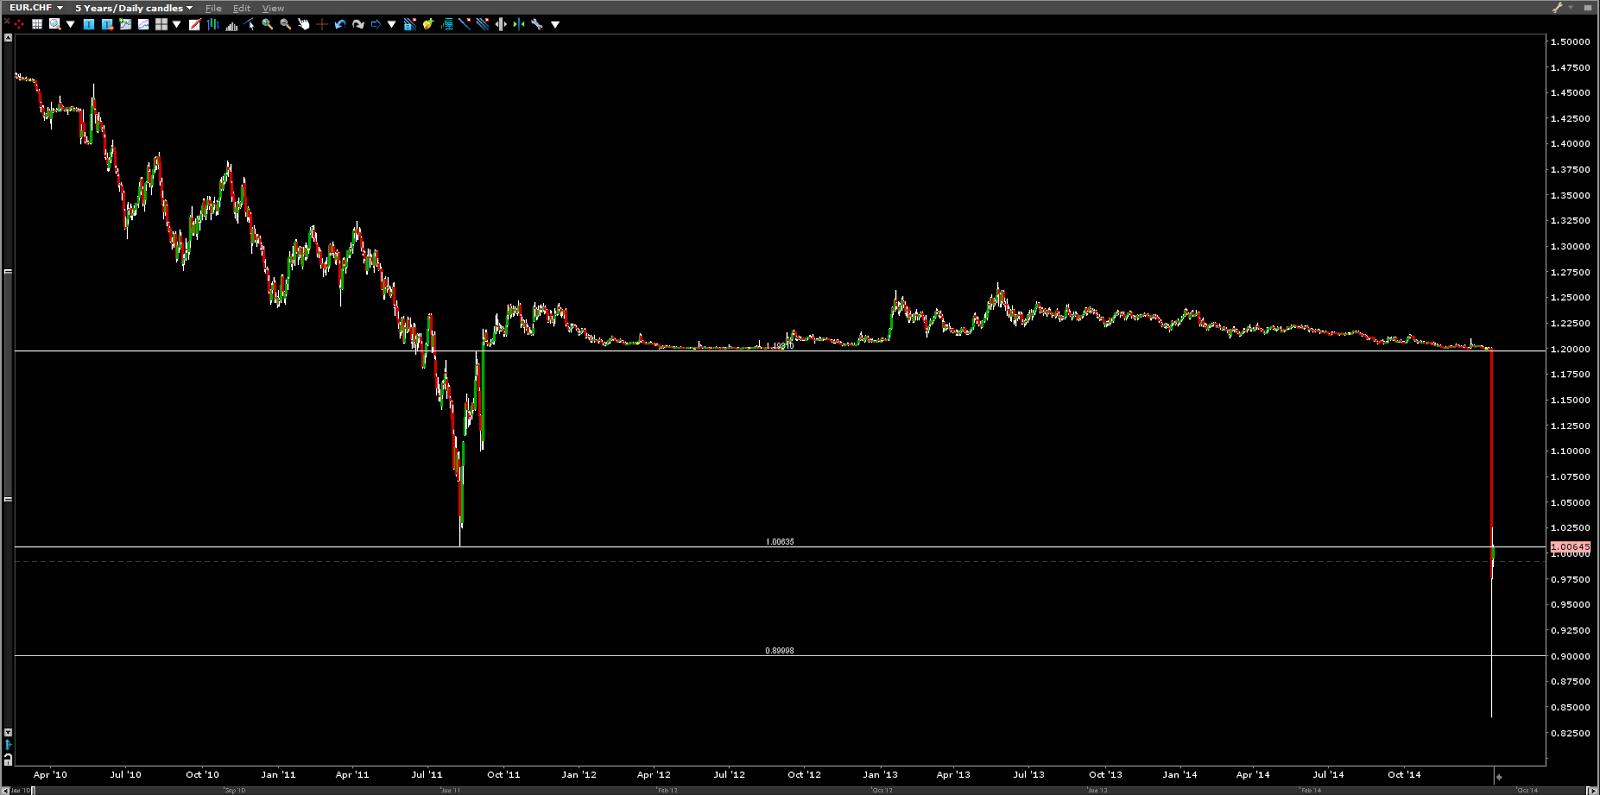 eur chf nueva situación después del SNB